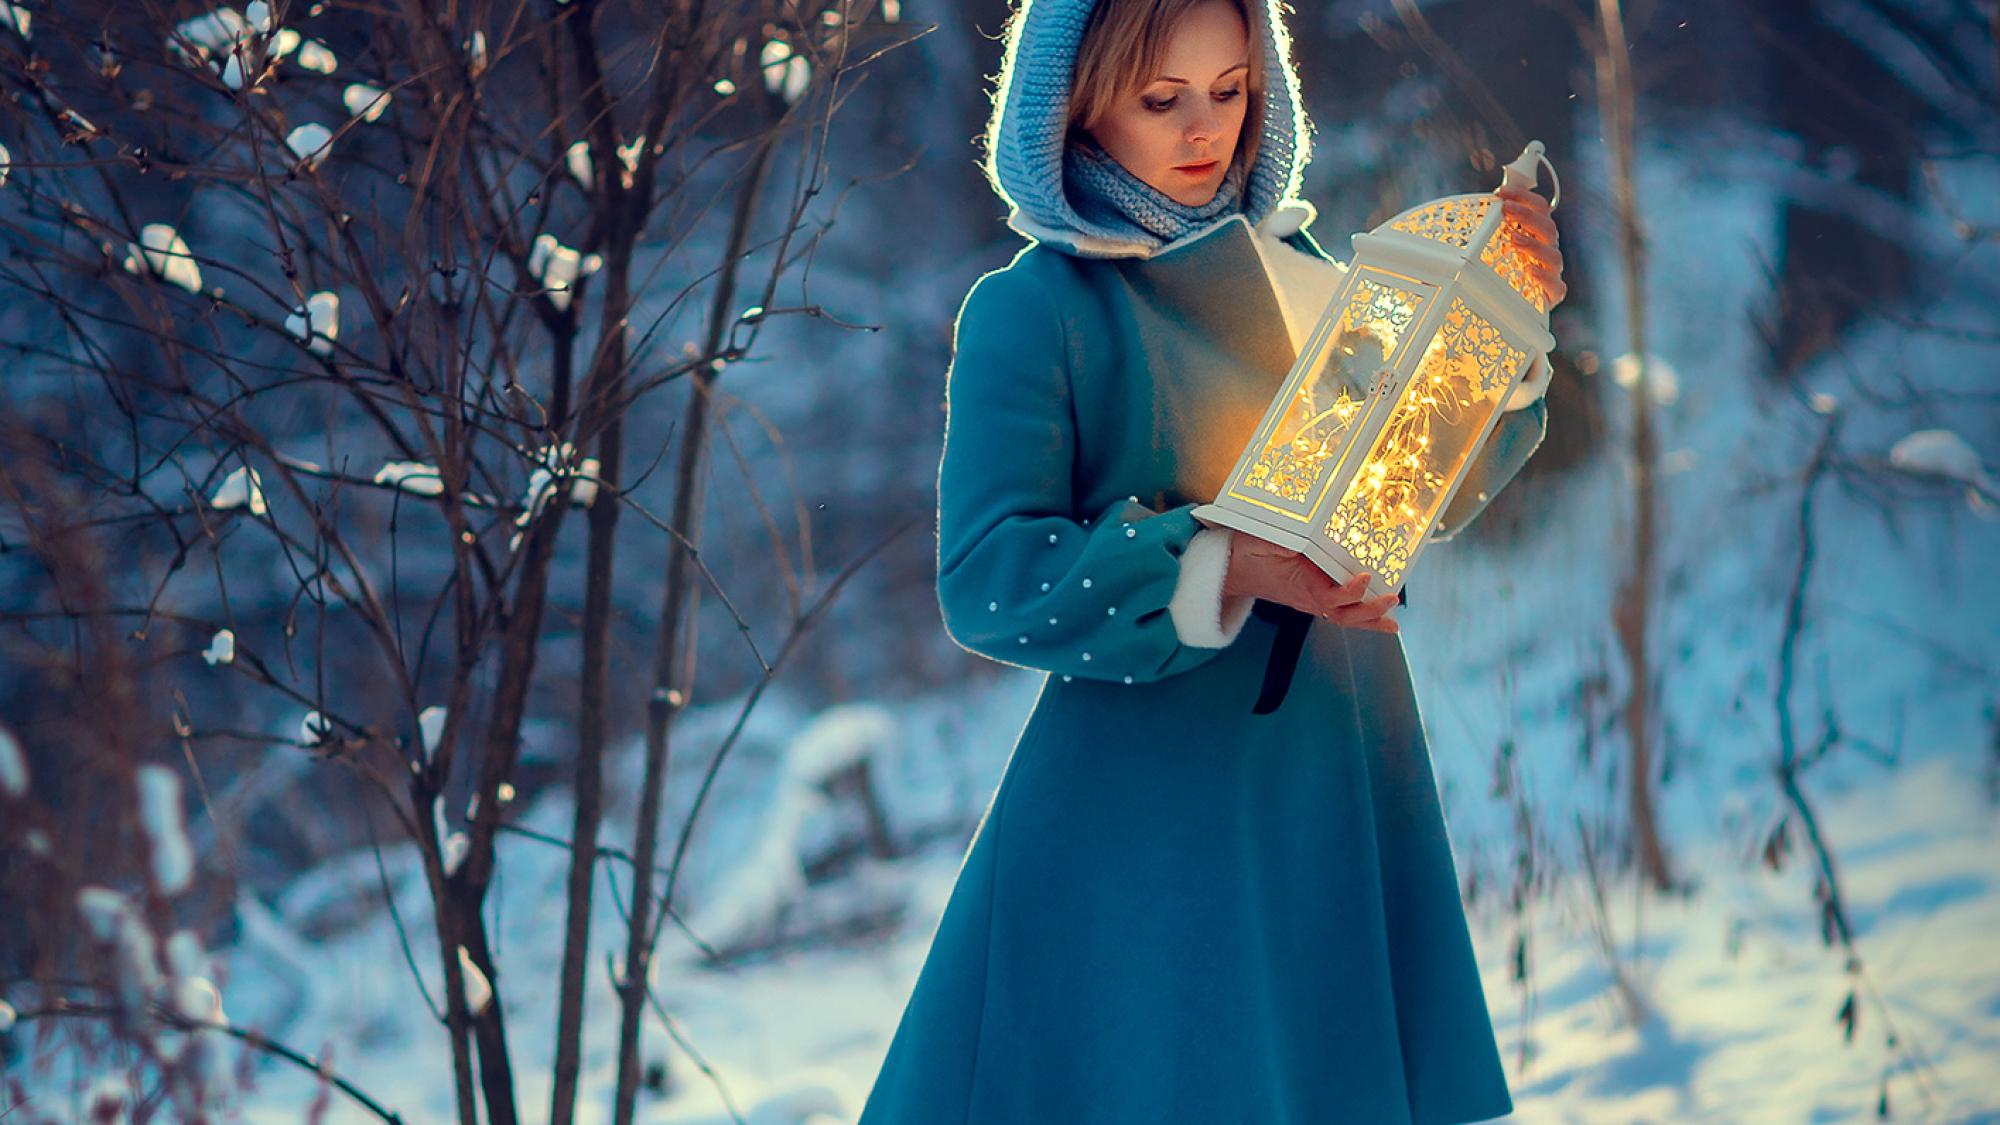 волшебная зимняя фотосессия для девушки